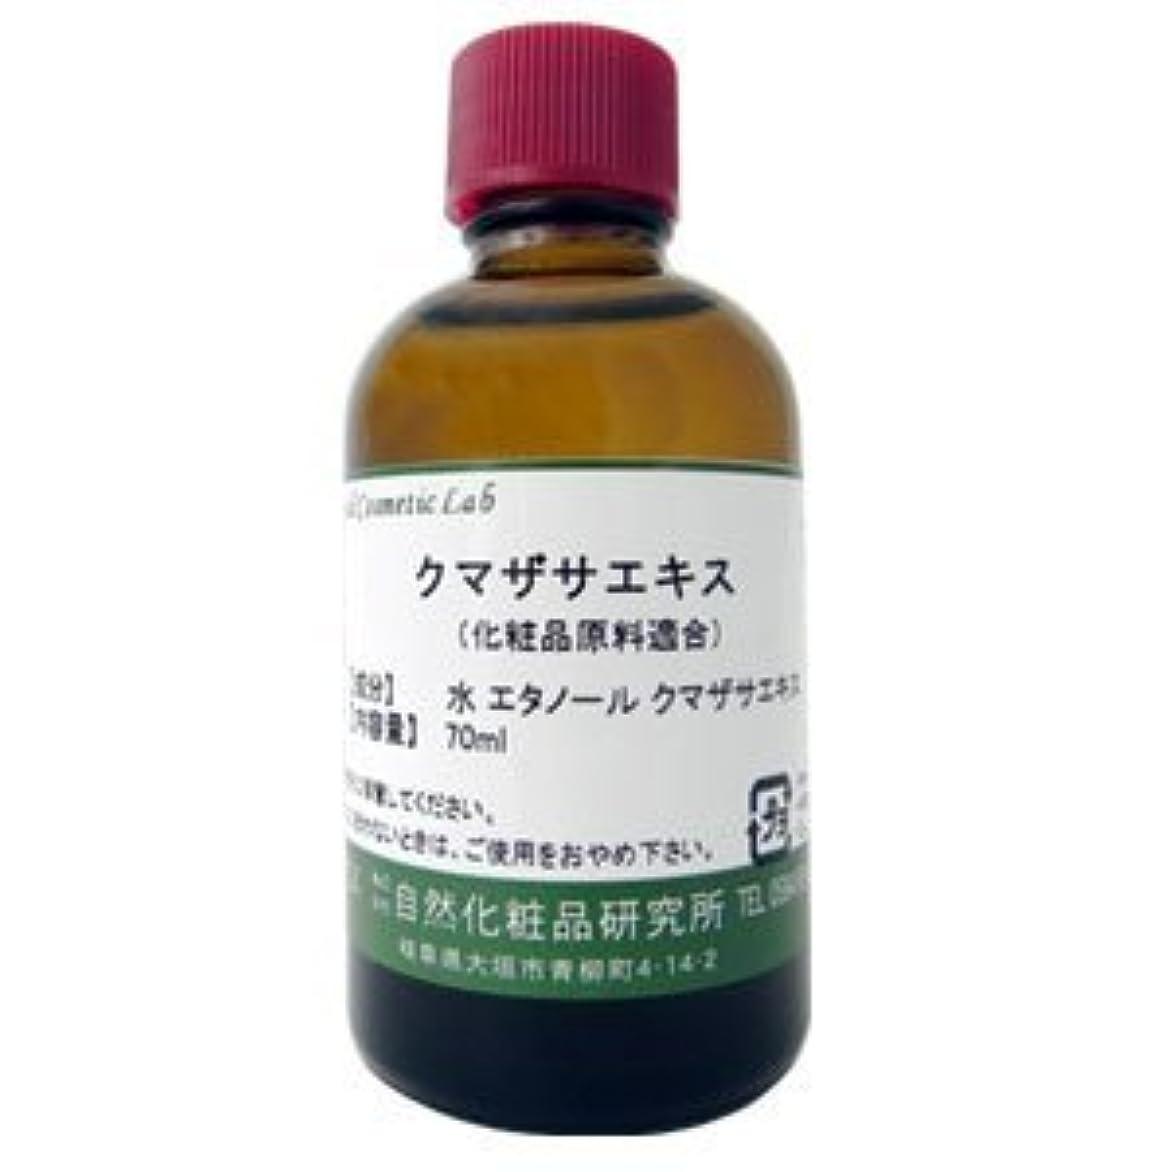 専門ハーフ志すクマザサエキス 70ml 【手作り化粧品原料】